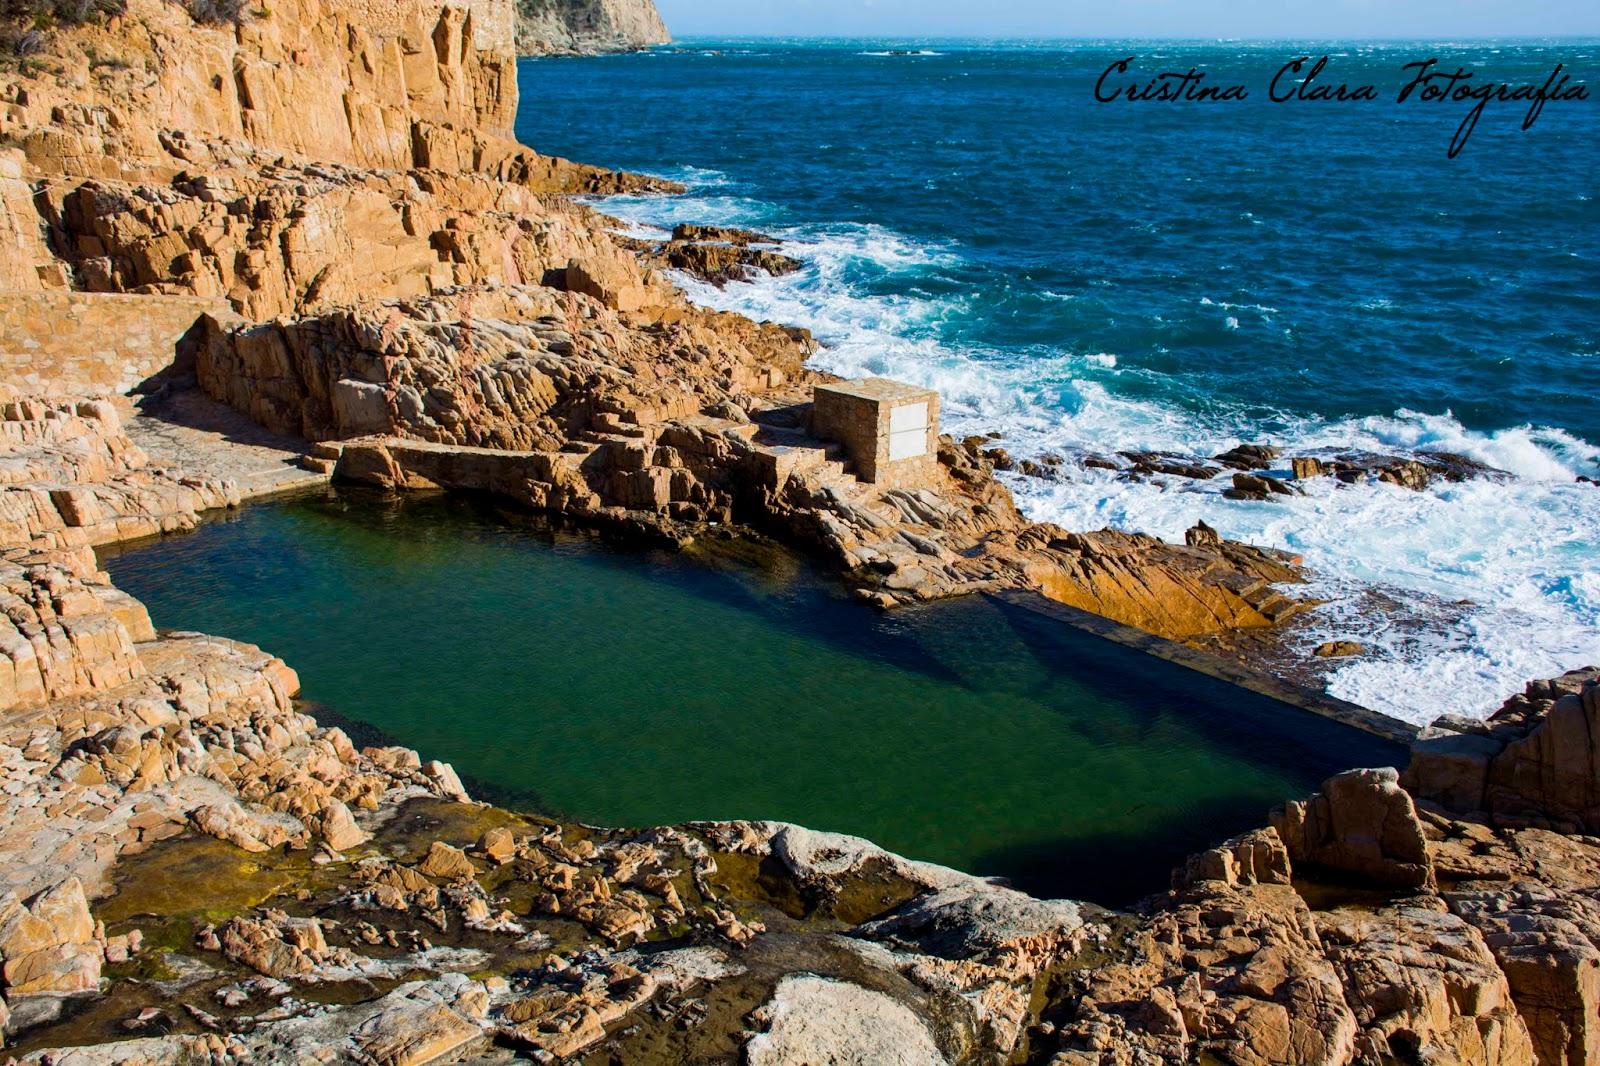 Cristina clara fotograf a el camino de ronda de for Piscina natural de puerto santiago